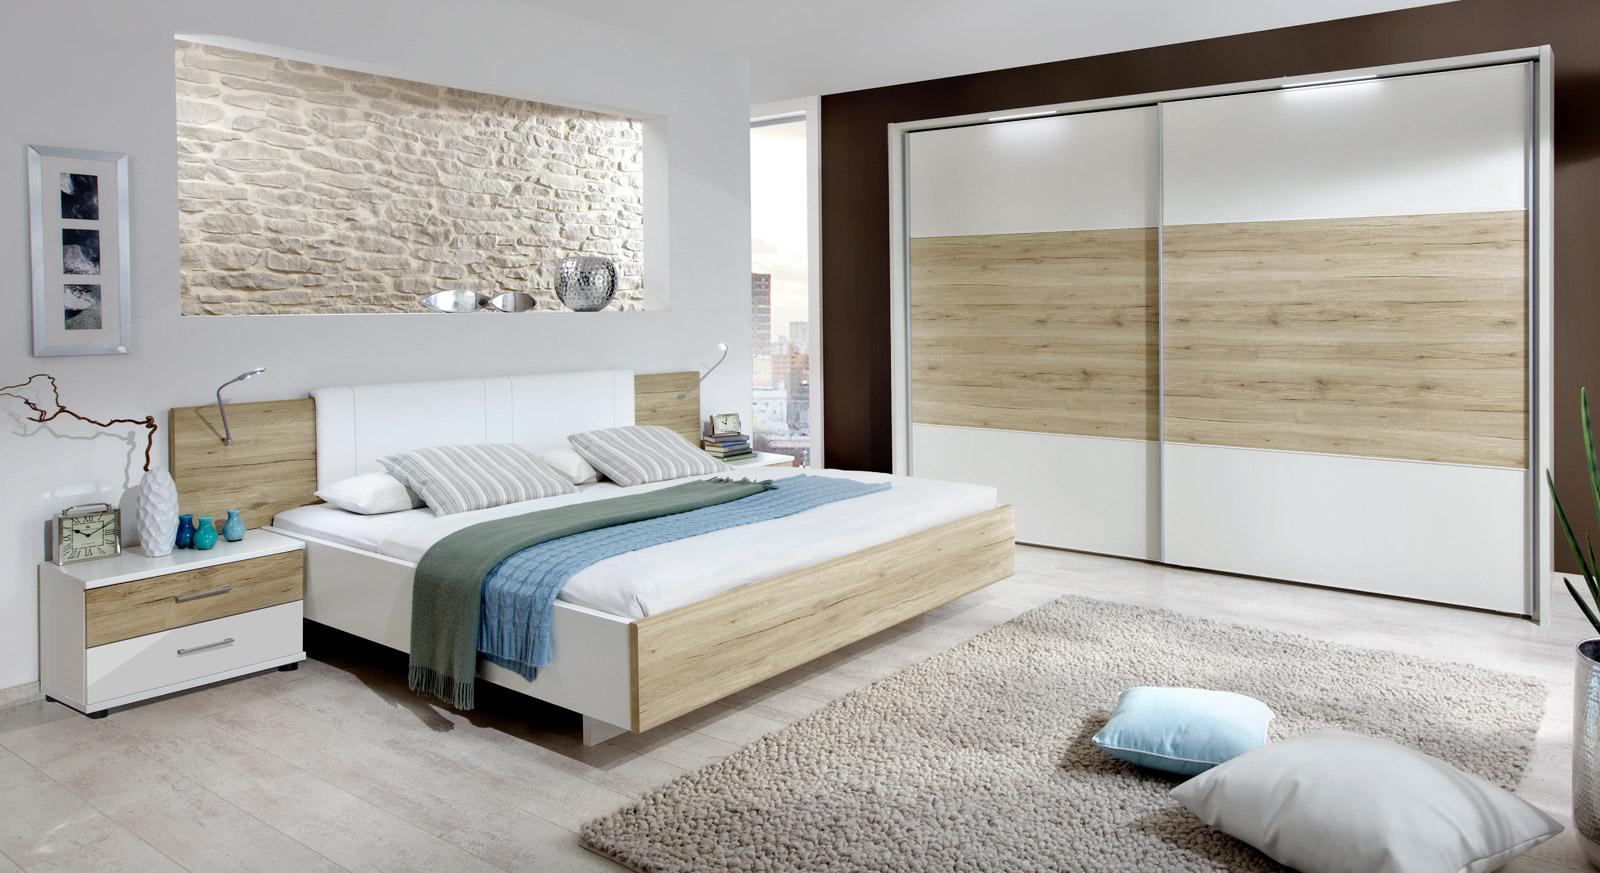 ideen kinderzimmer. Black Bedroom Furniture Sets. Home Design Ideas